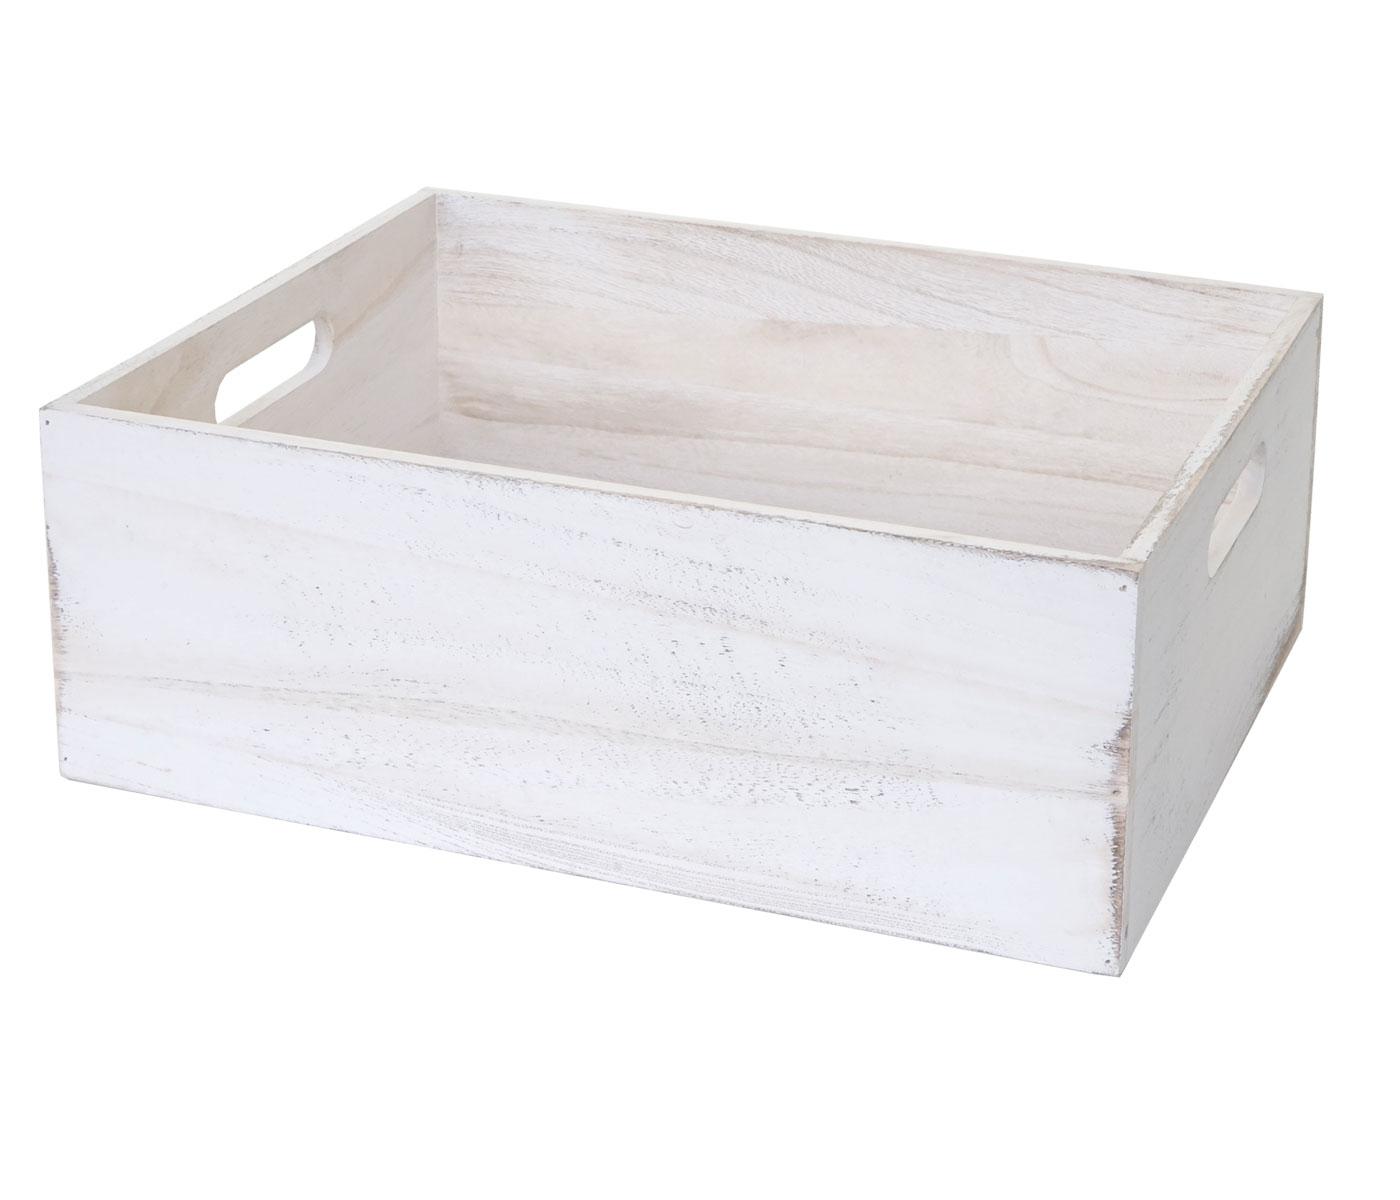 Box 40x30x15cm